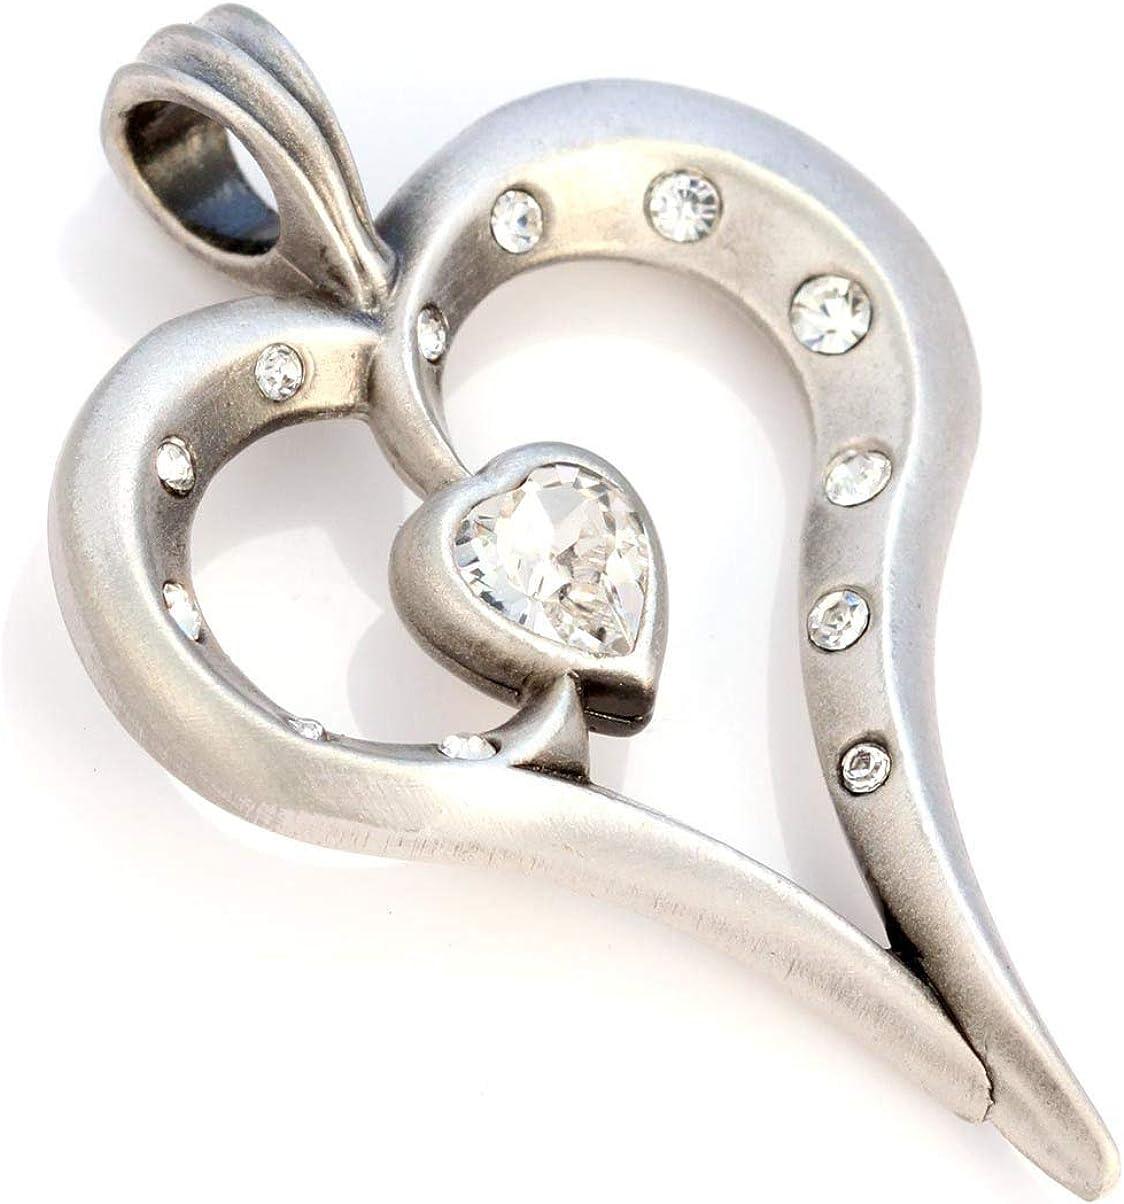 Bico Romy Pendiente de Cristal (CR36) - Delicada Belleza, corazón Intenso - Cristal Swarovski Corazón Joyeria